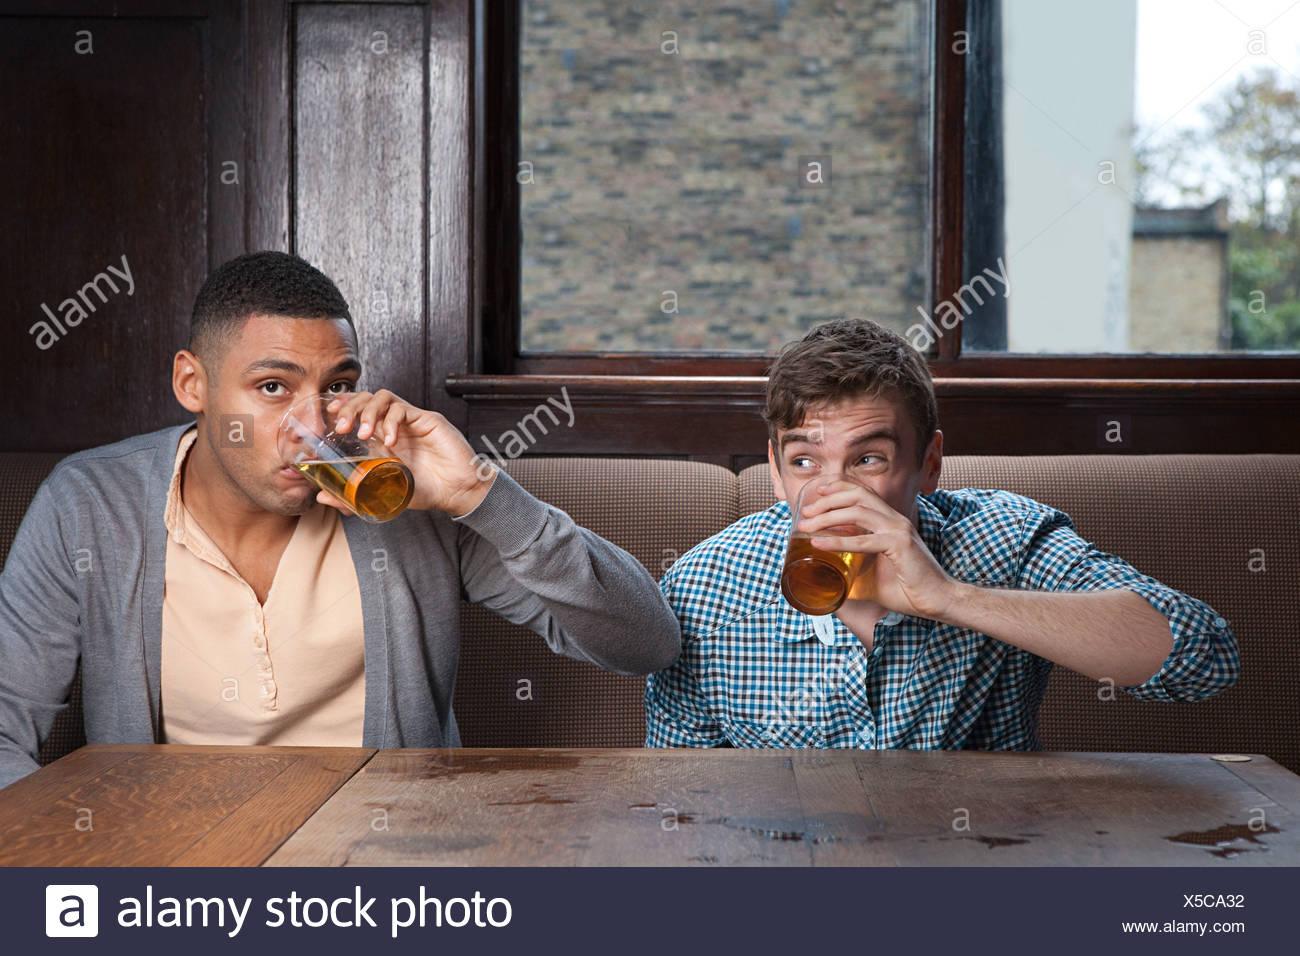 Los hombres jóvenes bebiendo cerveza en el bar Foto de stock